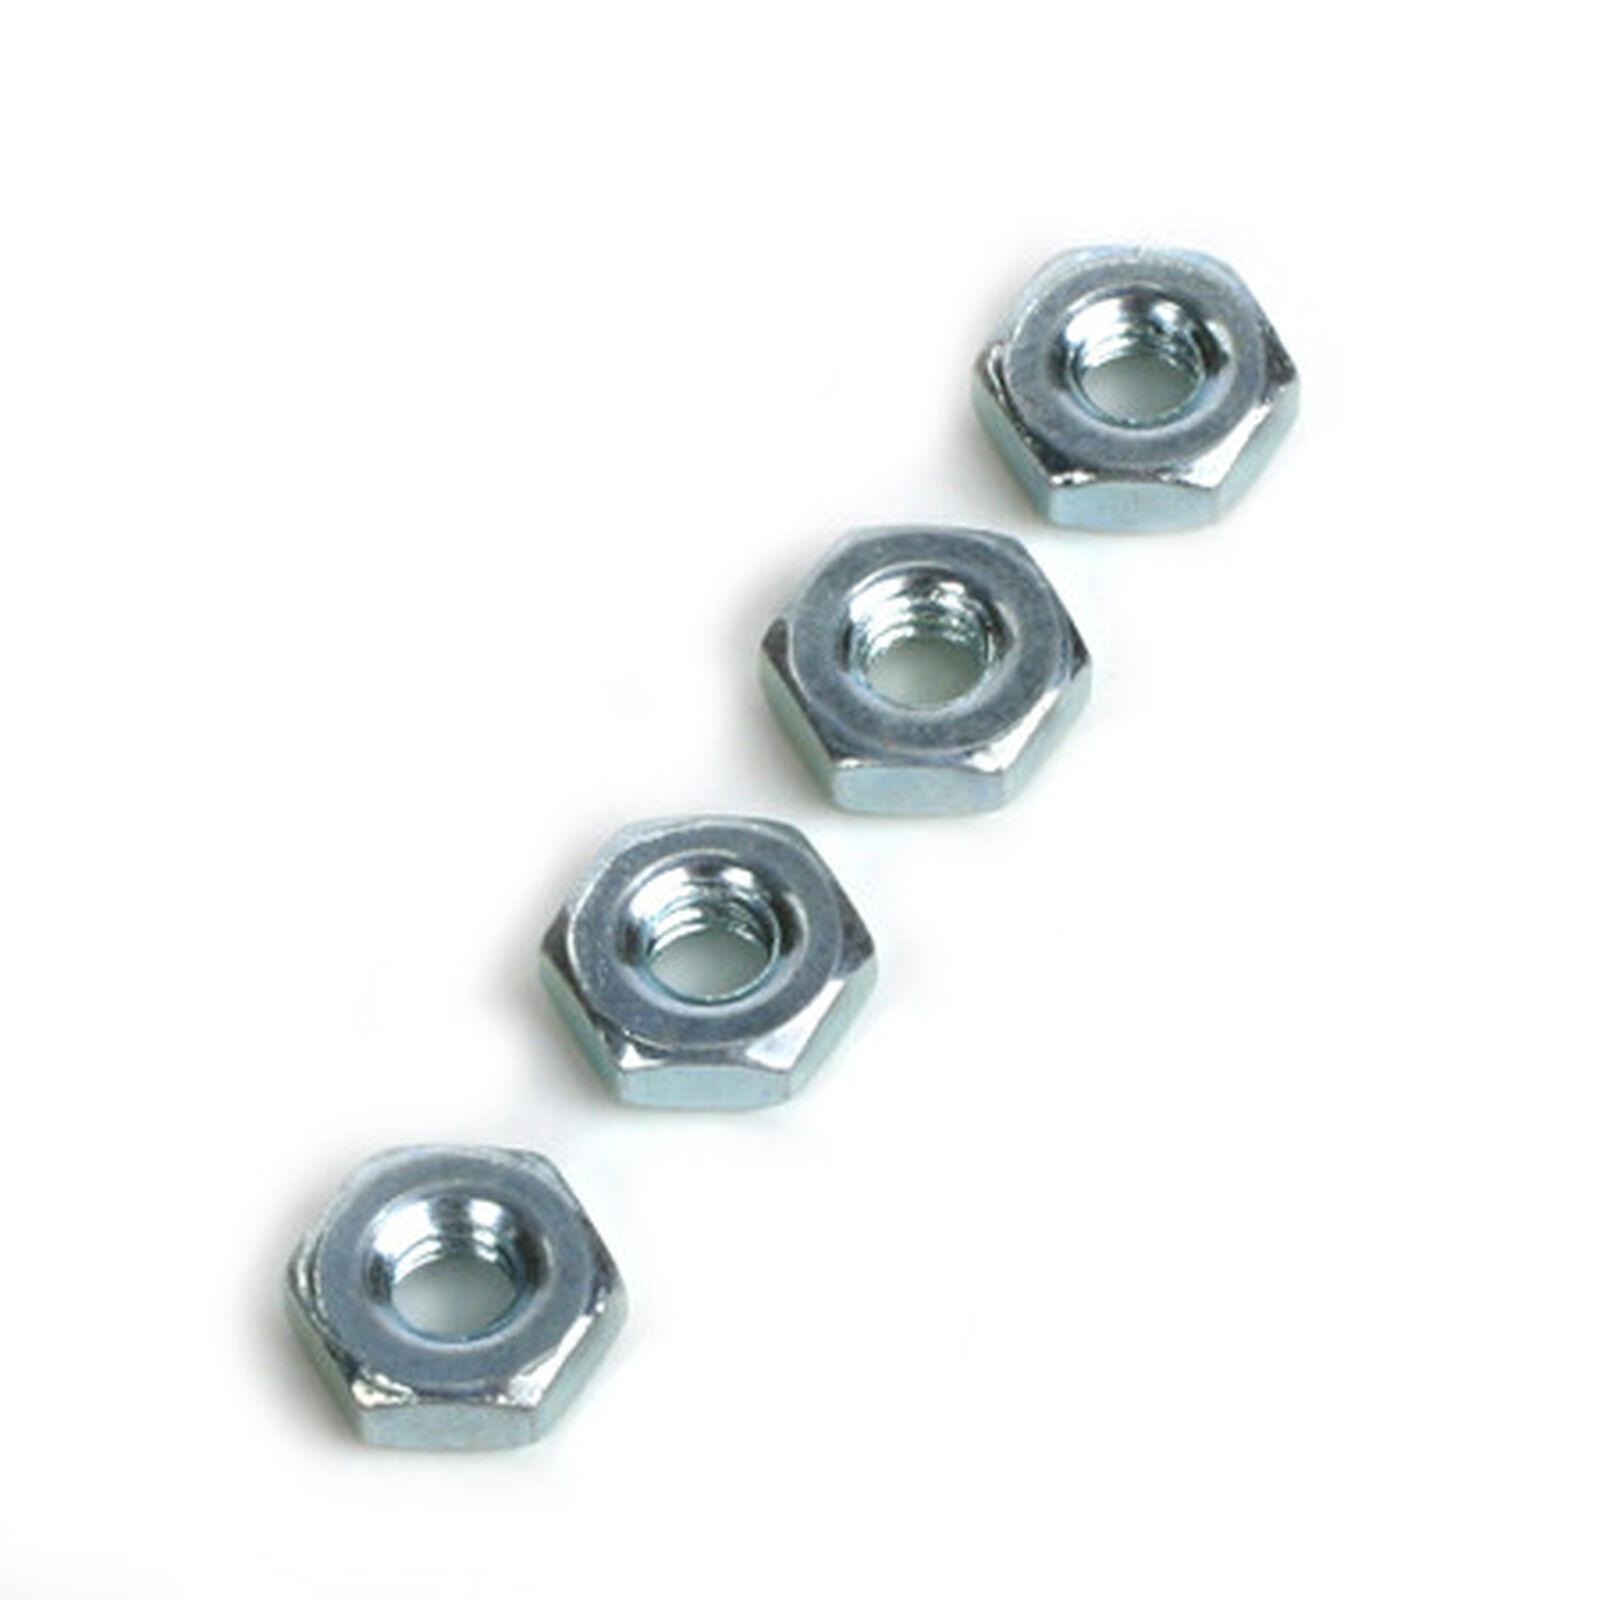 Steel Hex Nuts, 8-32